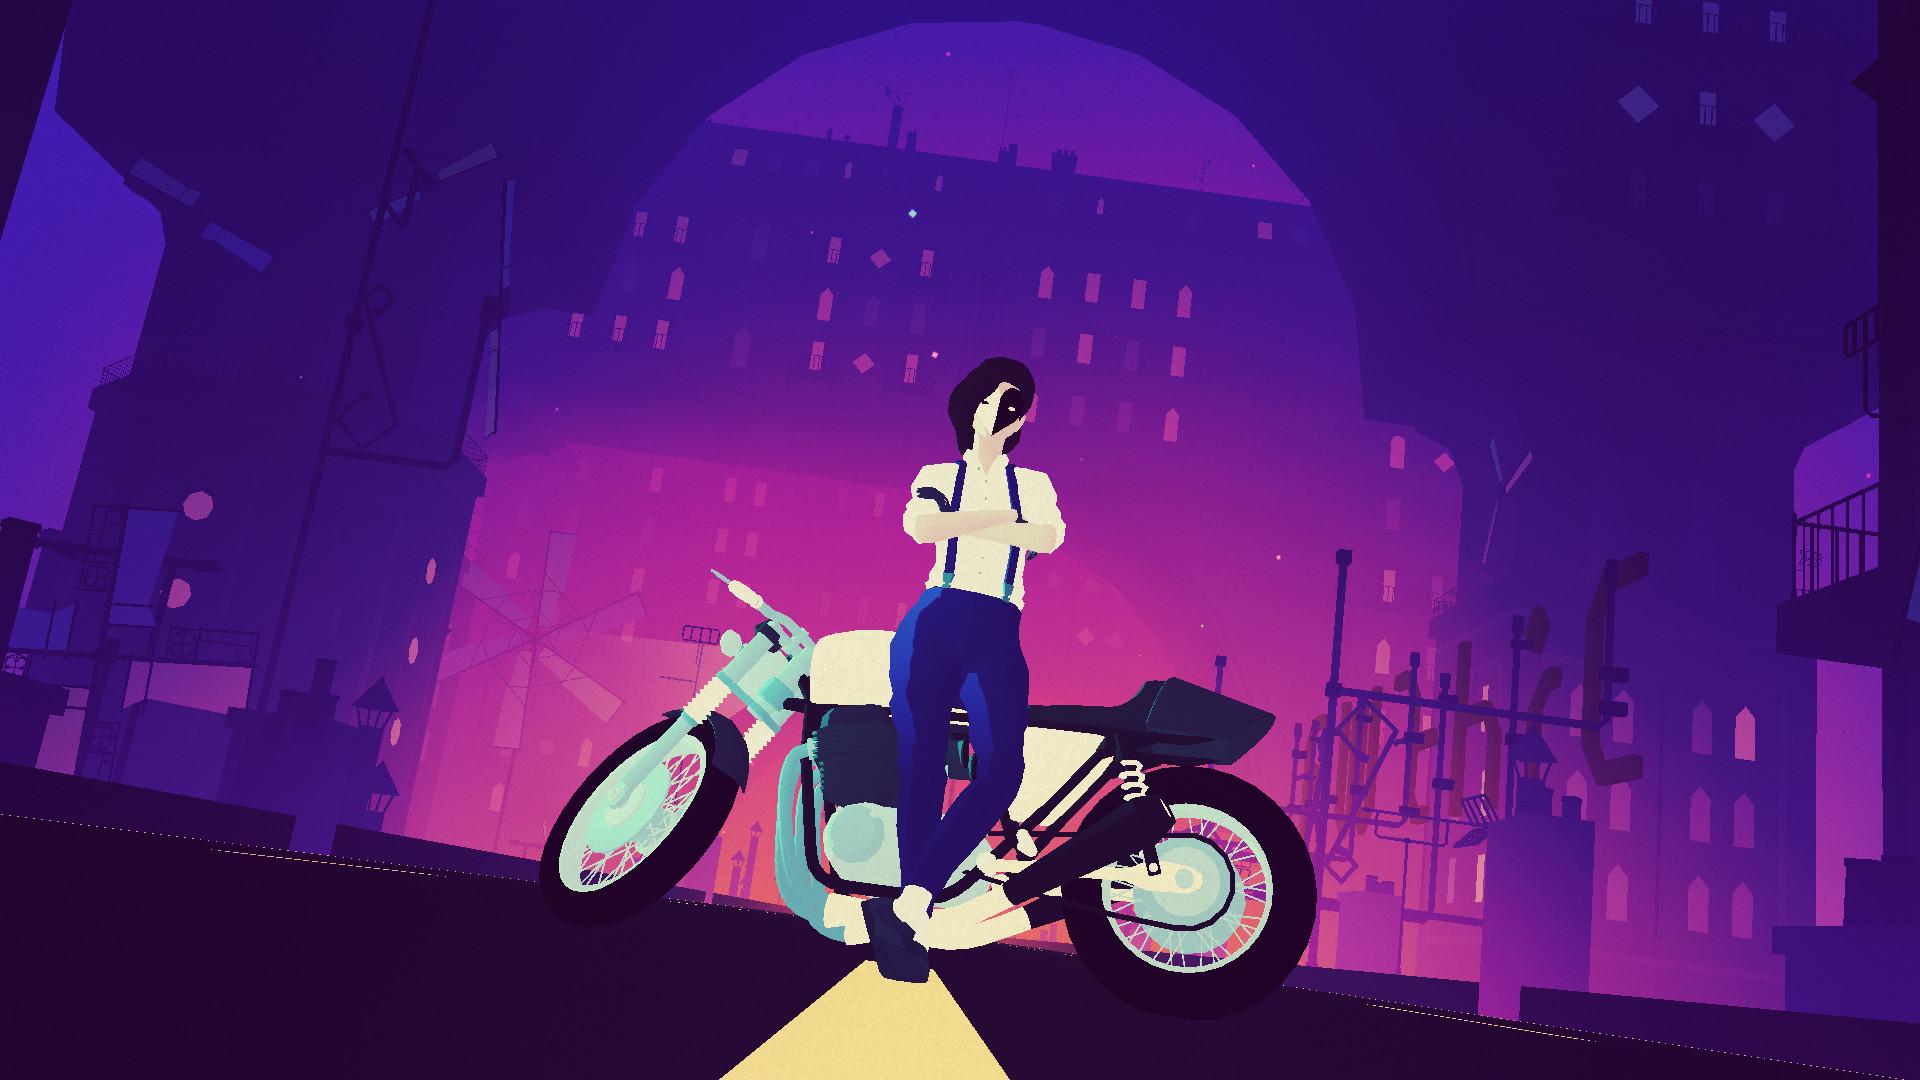 梦幻驾驶!《再见狂野之心》2月25日登陆Xbox One